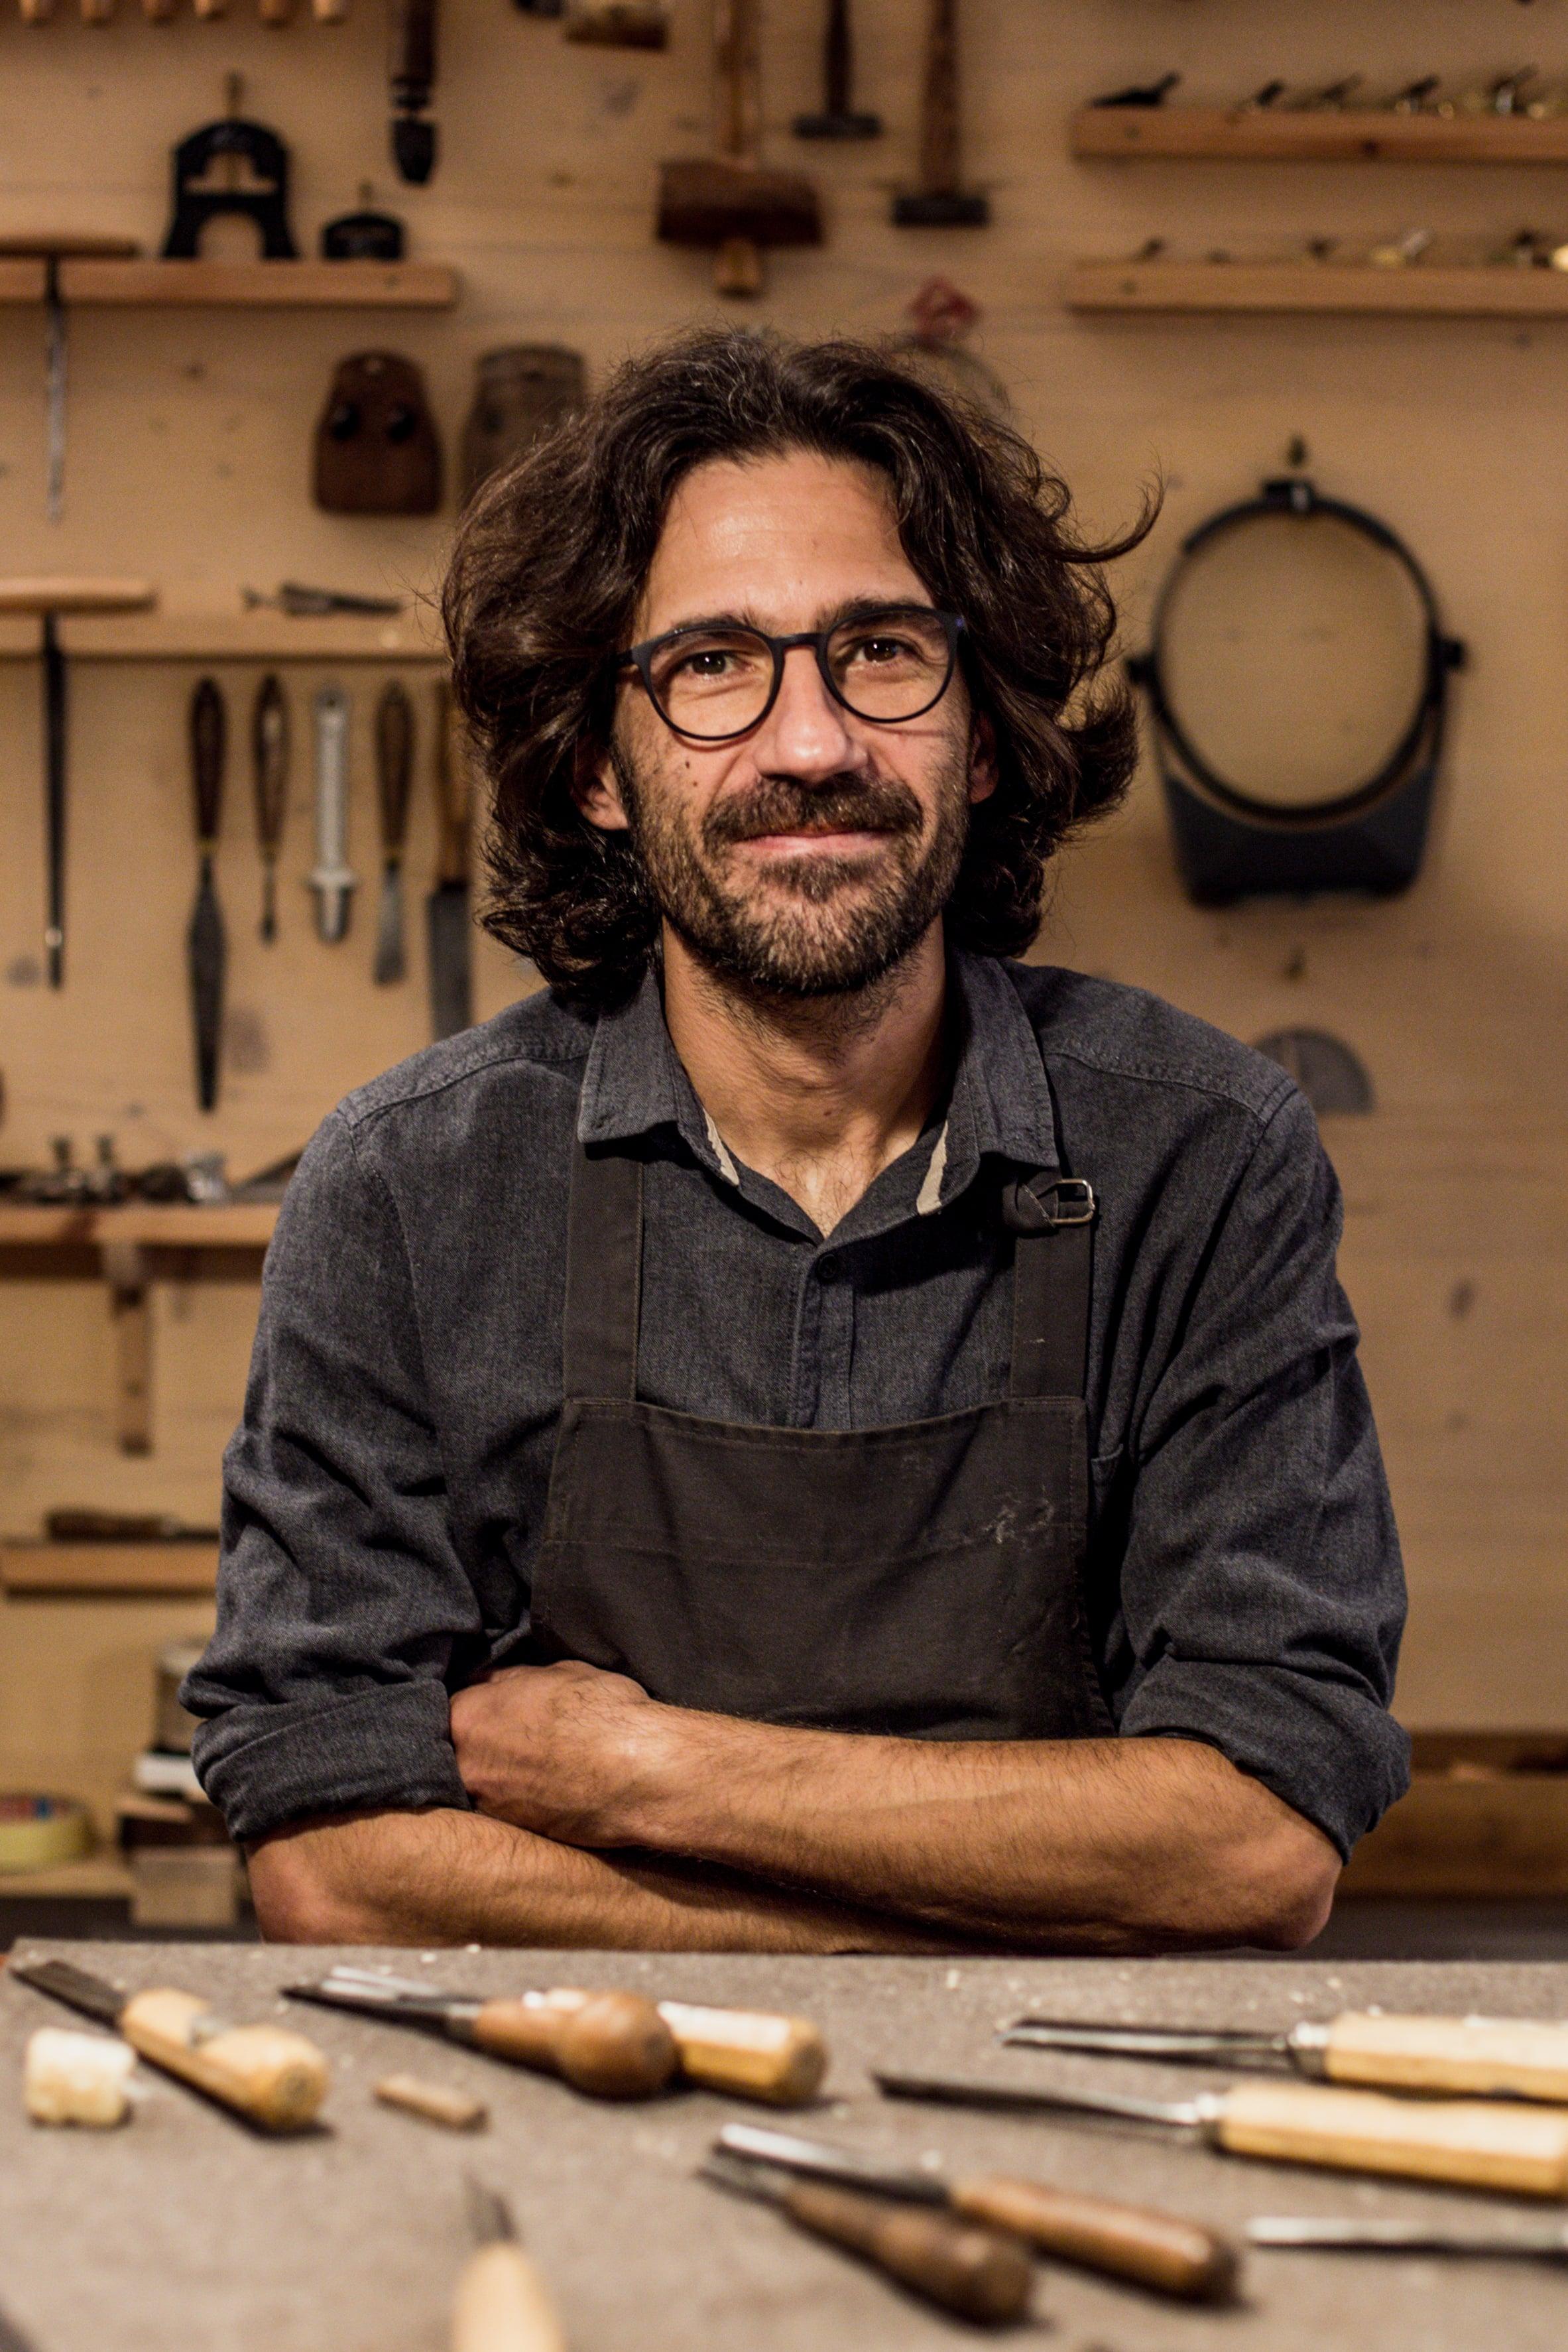 Luthier Eduard Bosque